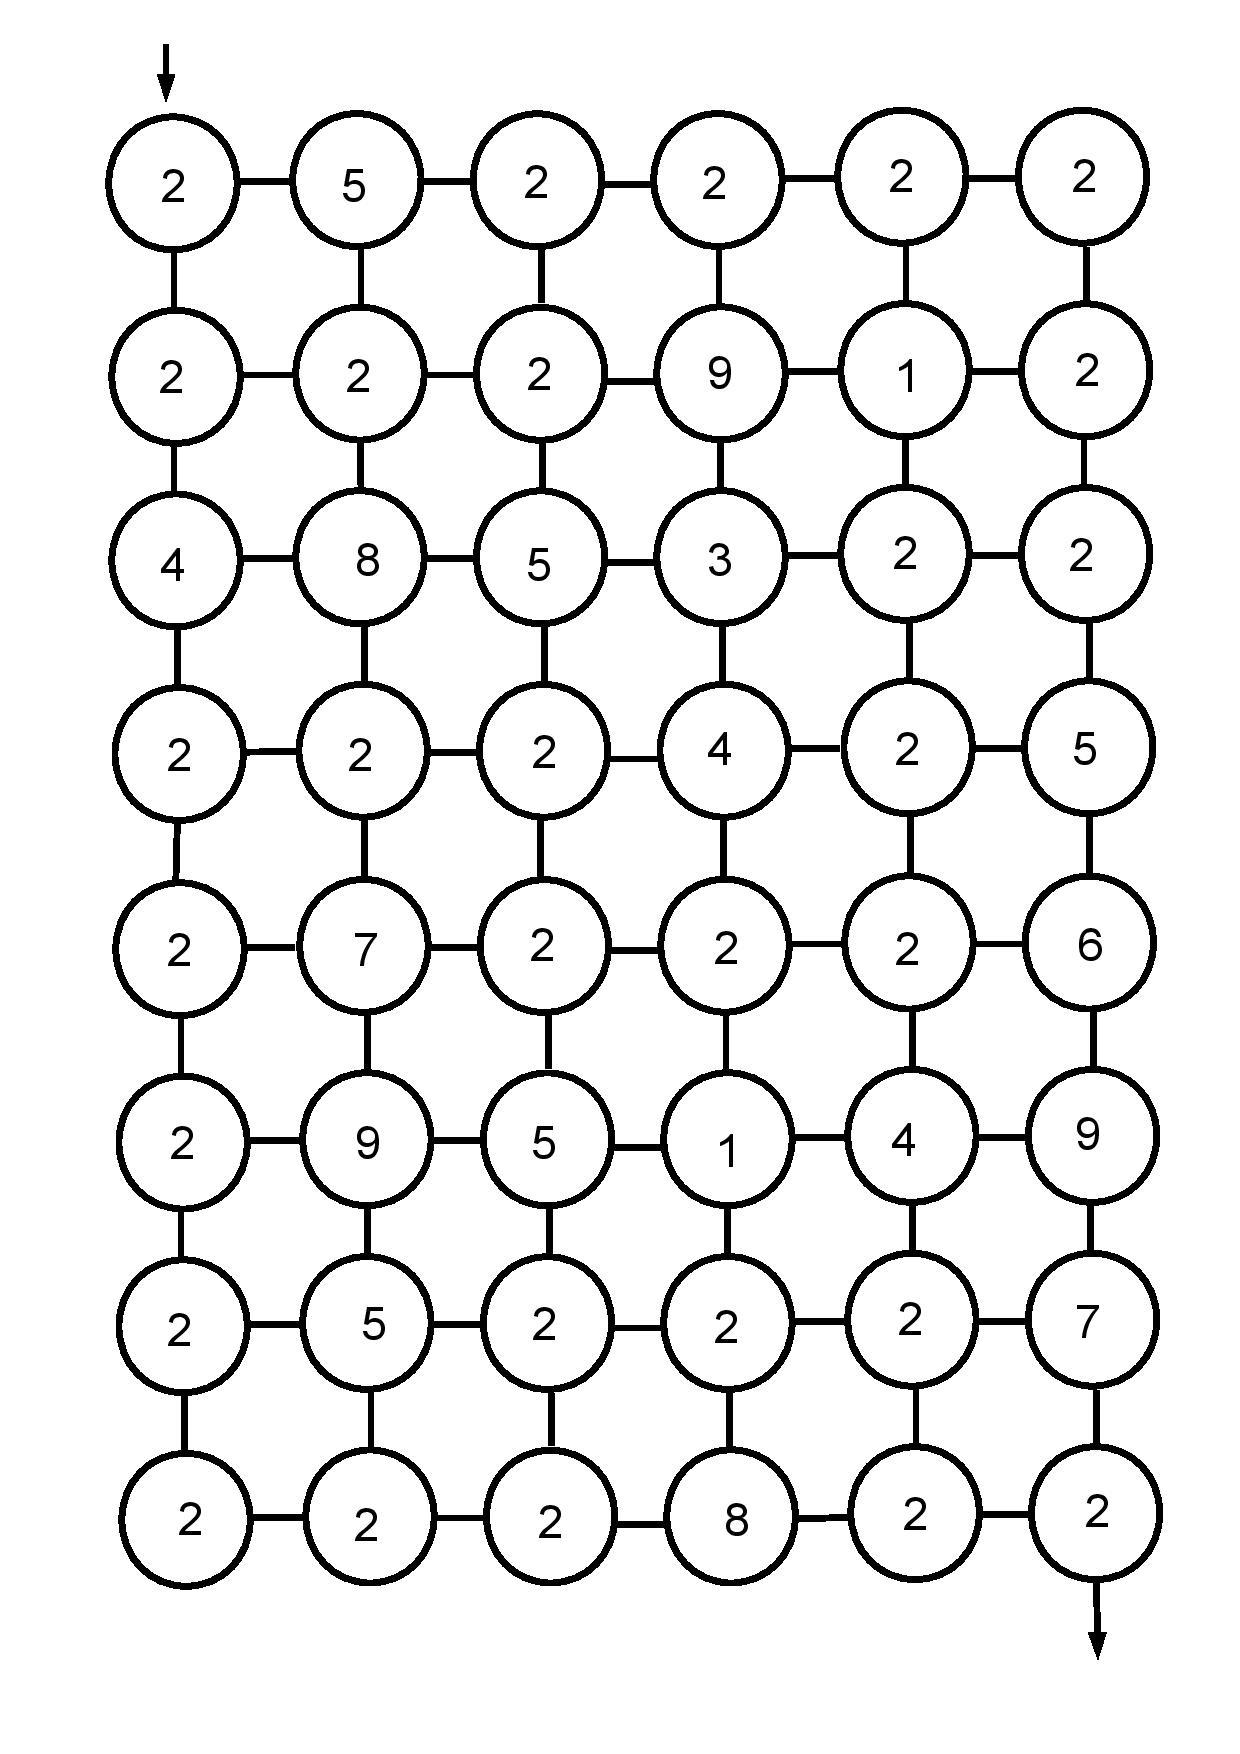 Zahlenweg verfolgen von tinasblumenwiese-page-001